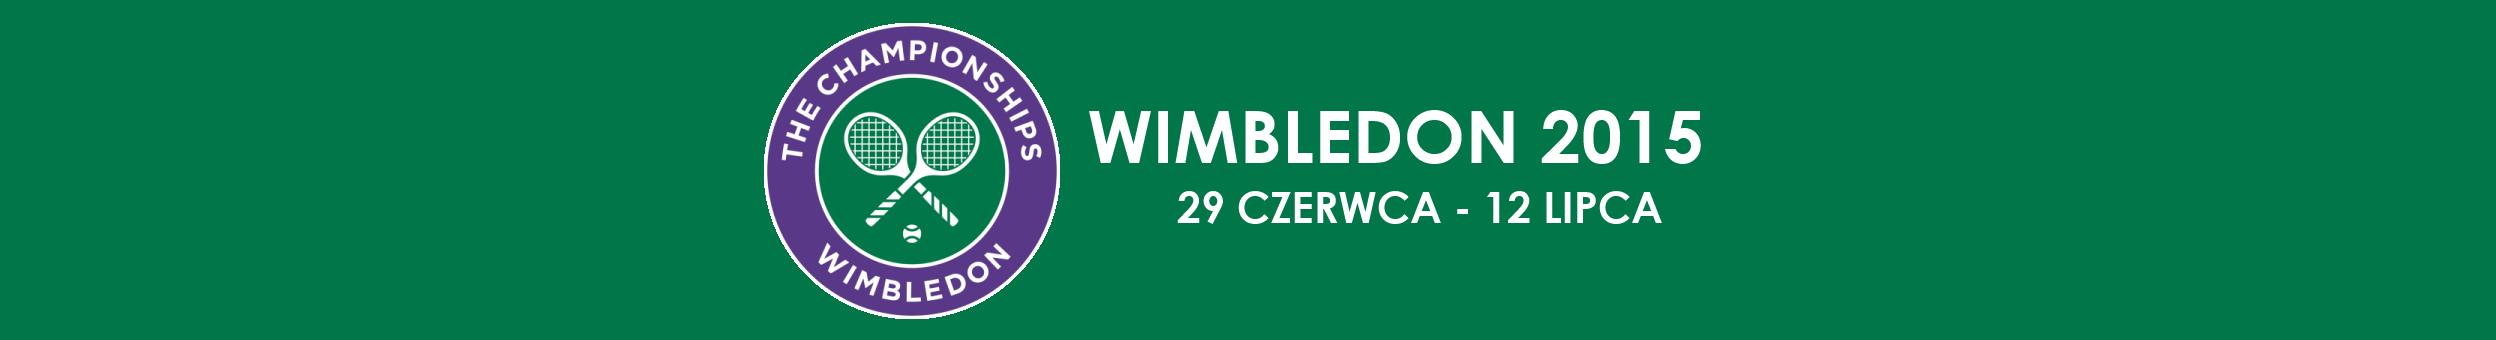 Wimbledon 2015 - banner